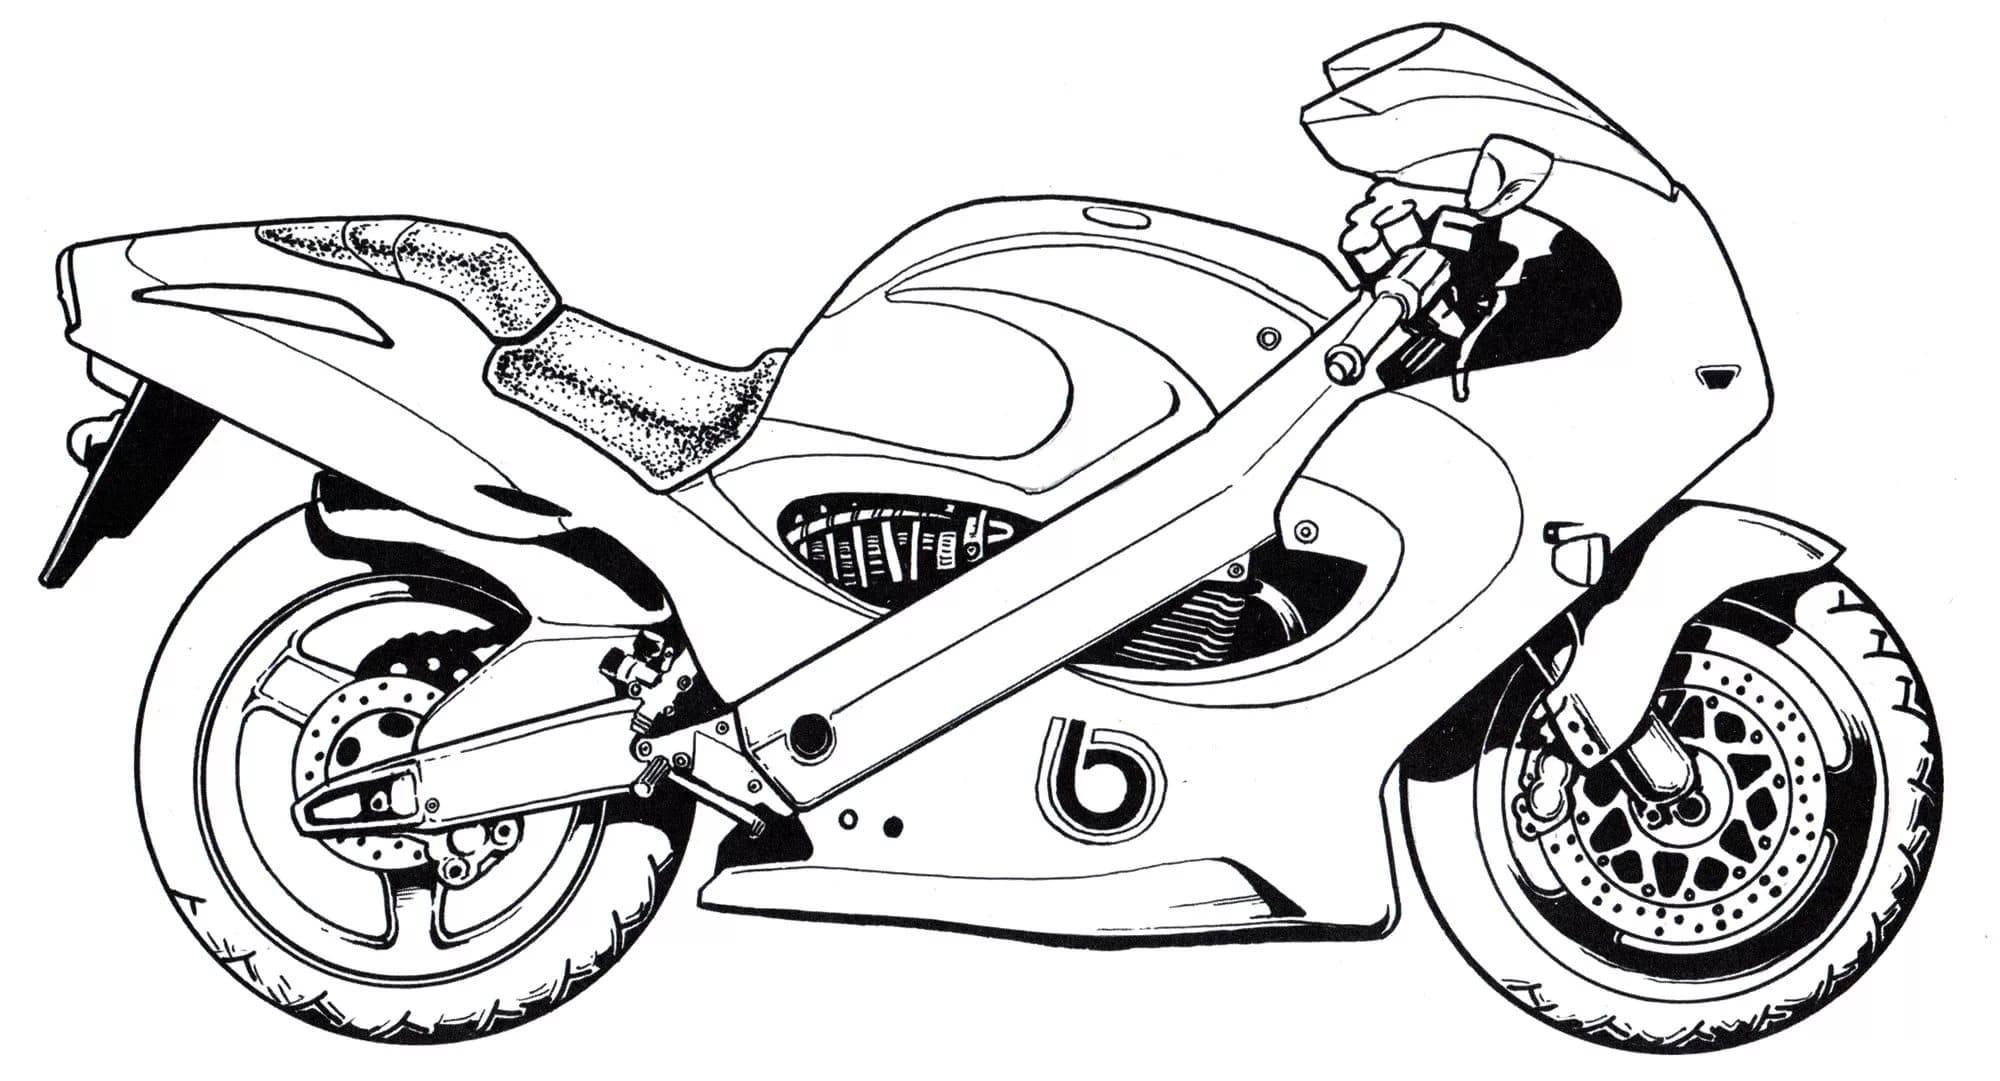 Motorrad Malvorlage - kinderbilderdownload kinderbilder